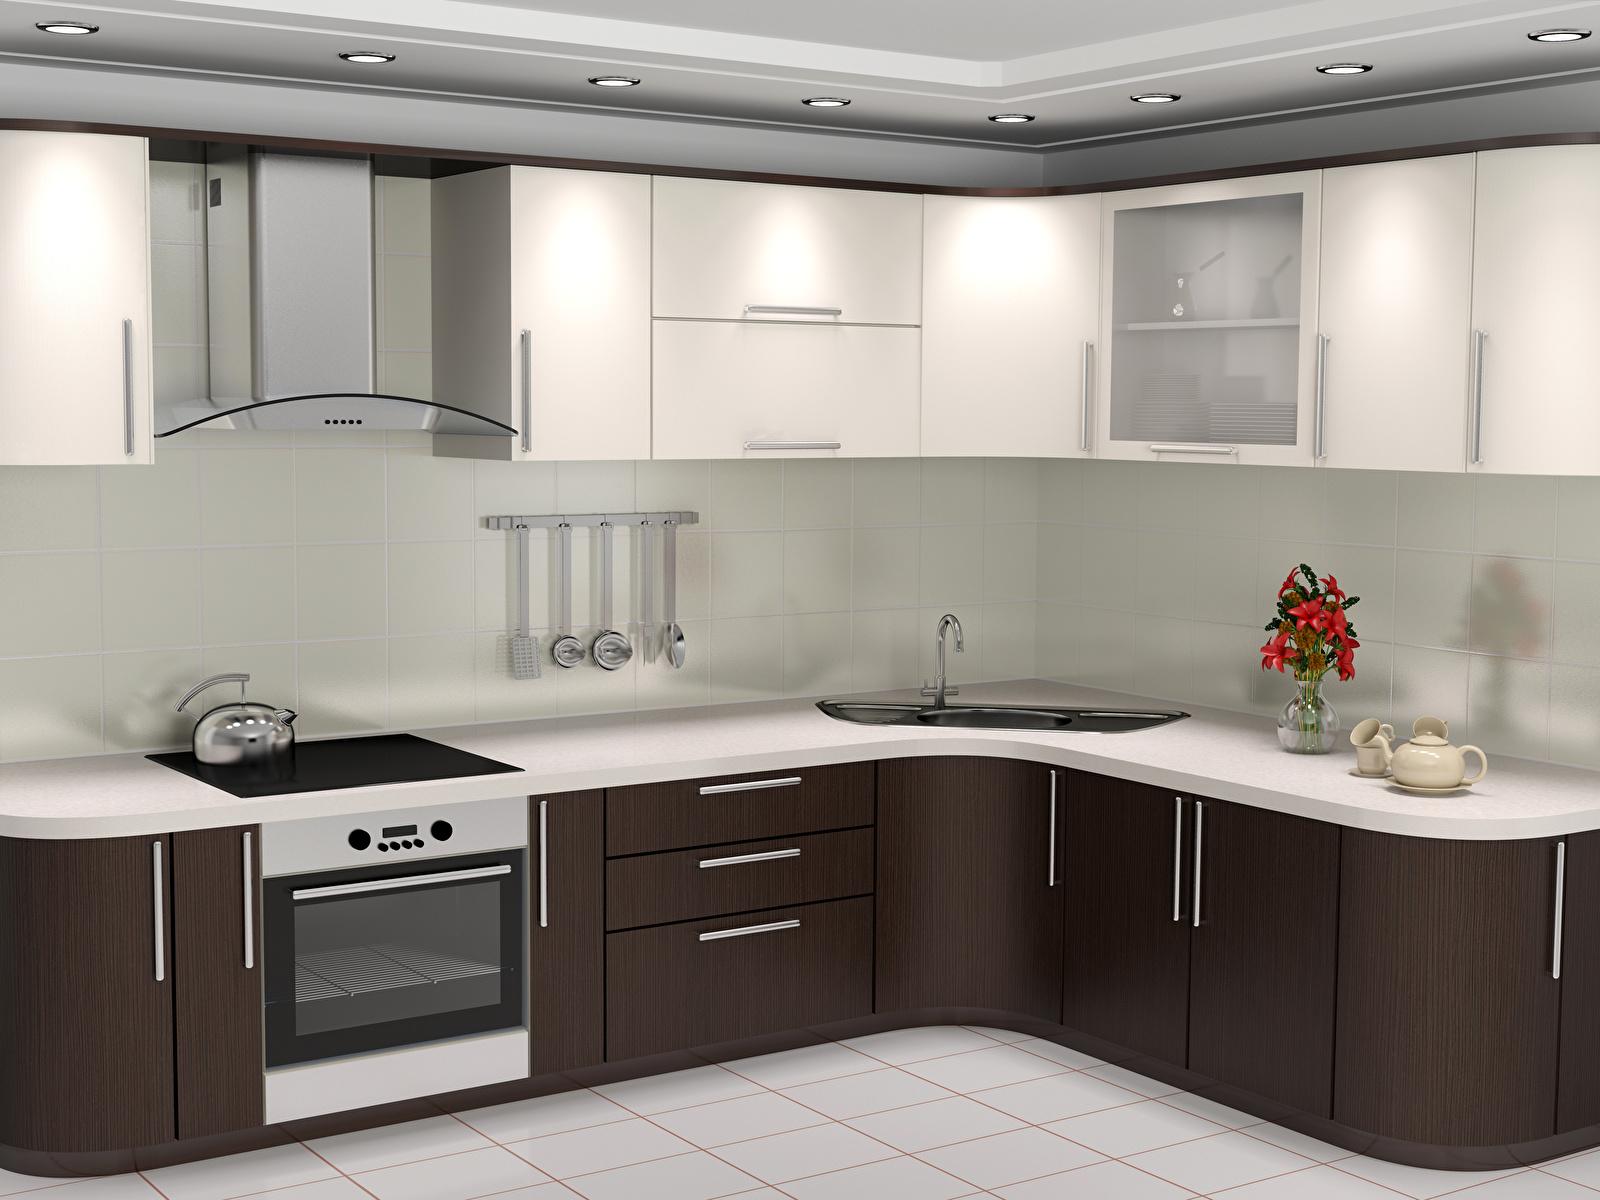 Фото кухни 3D Графика Интерьер дизайна 1600x1200 Кухня 3д Дизайн